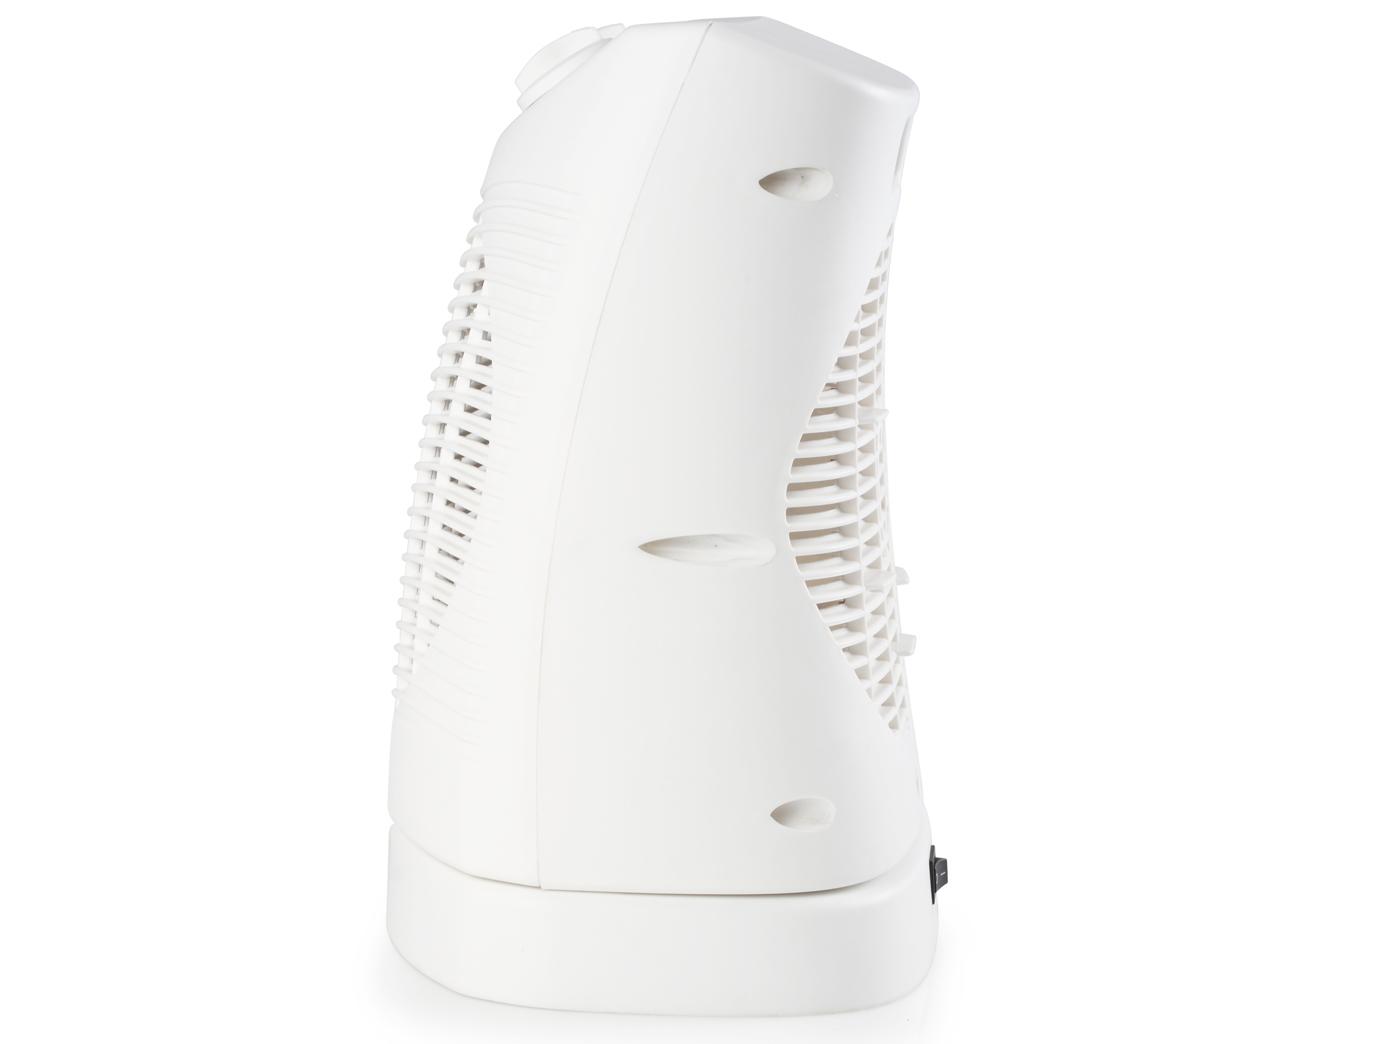 Ambienti esterni per Bagno Ventilatore 2000w 3 livelli regola Hänel termostato riscaldamento supplementare